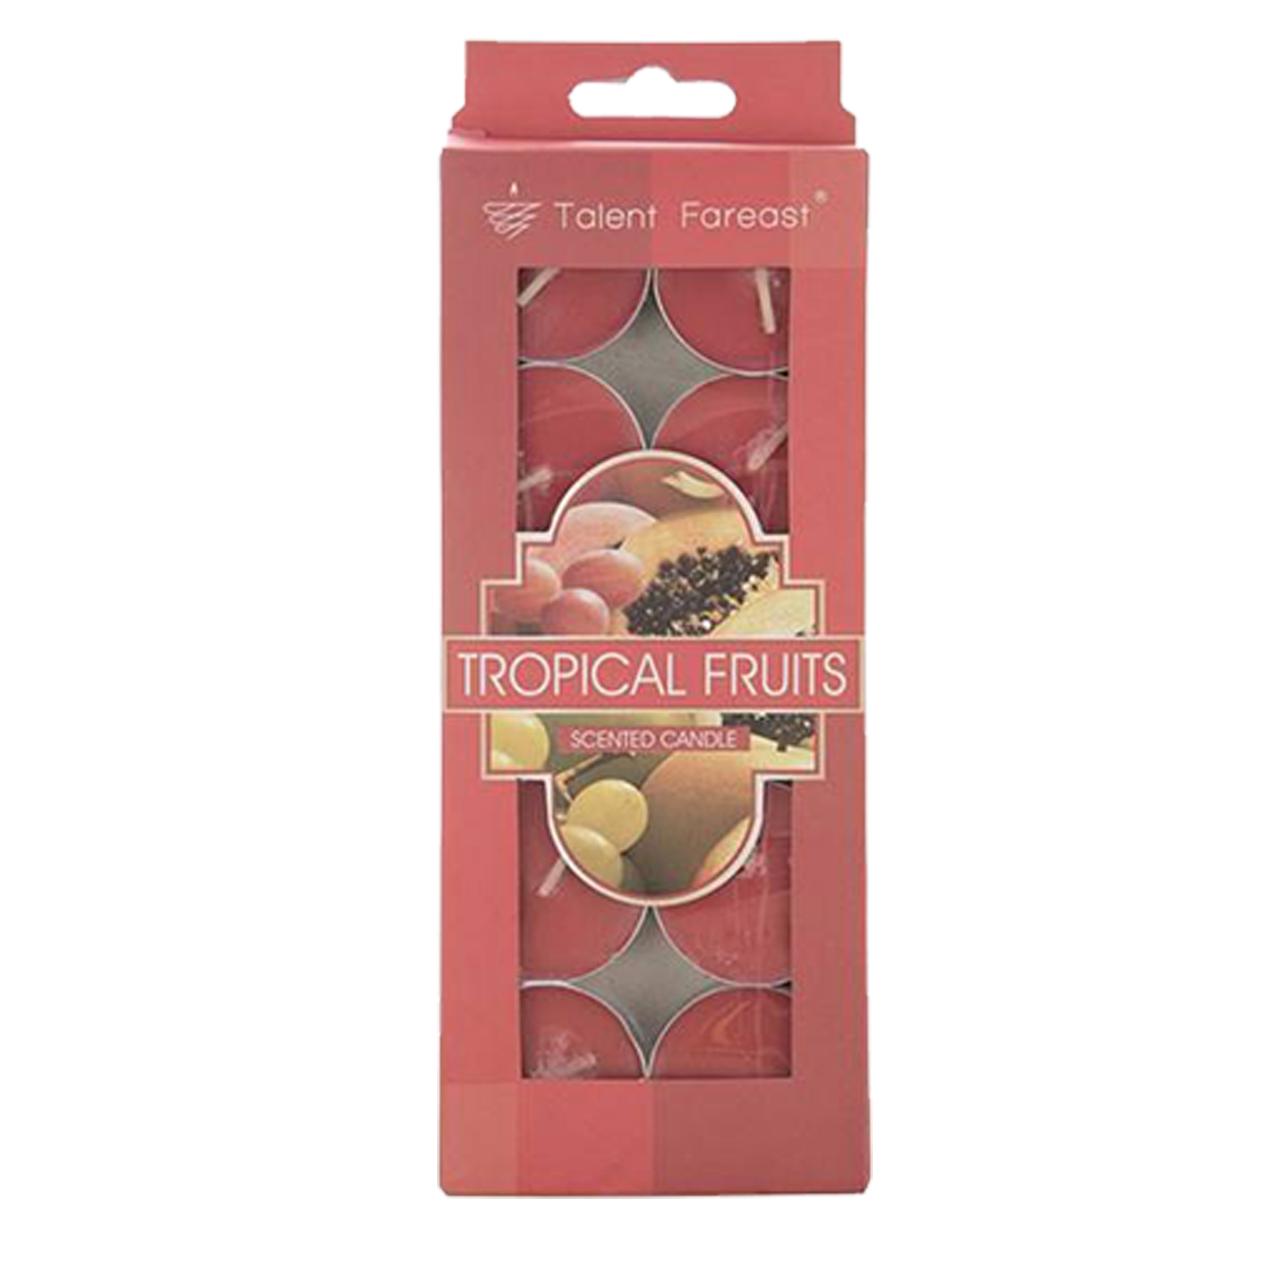 شمع وارمر تلنت فارست سورتک طرح Tropical Fruits مدل STC209 بسته 10 عددی